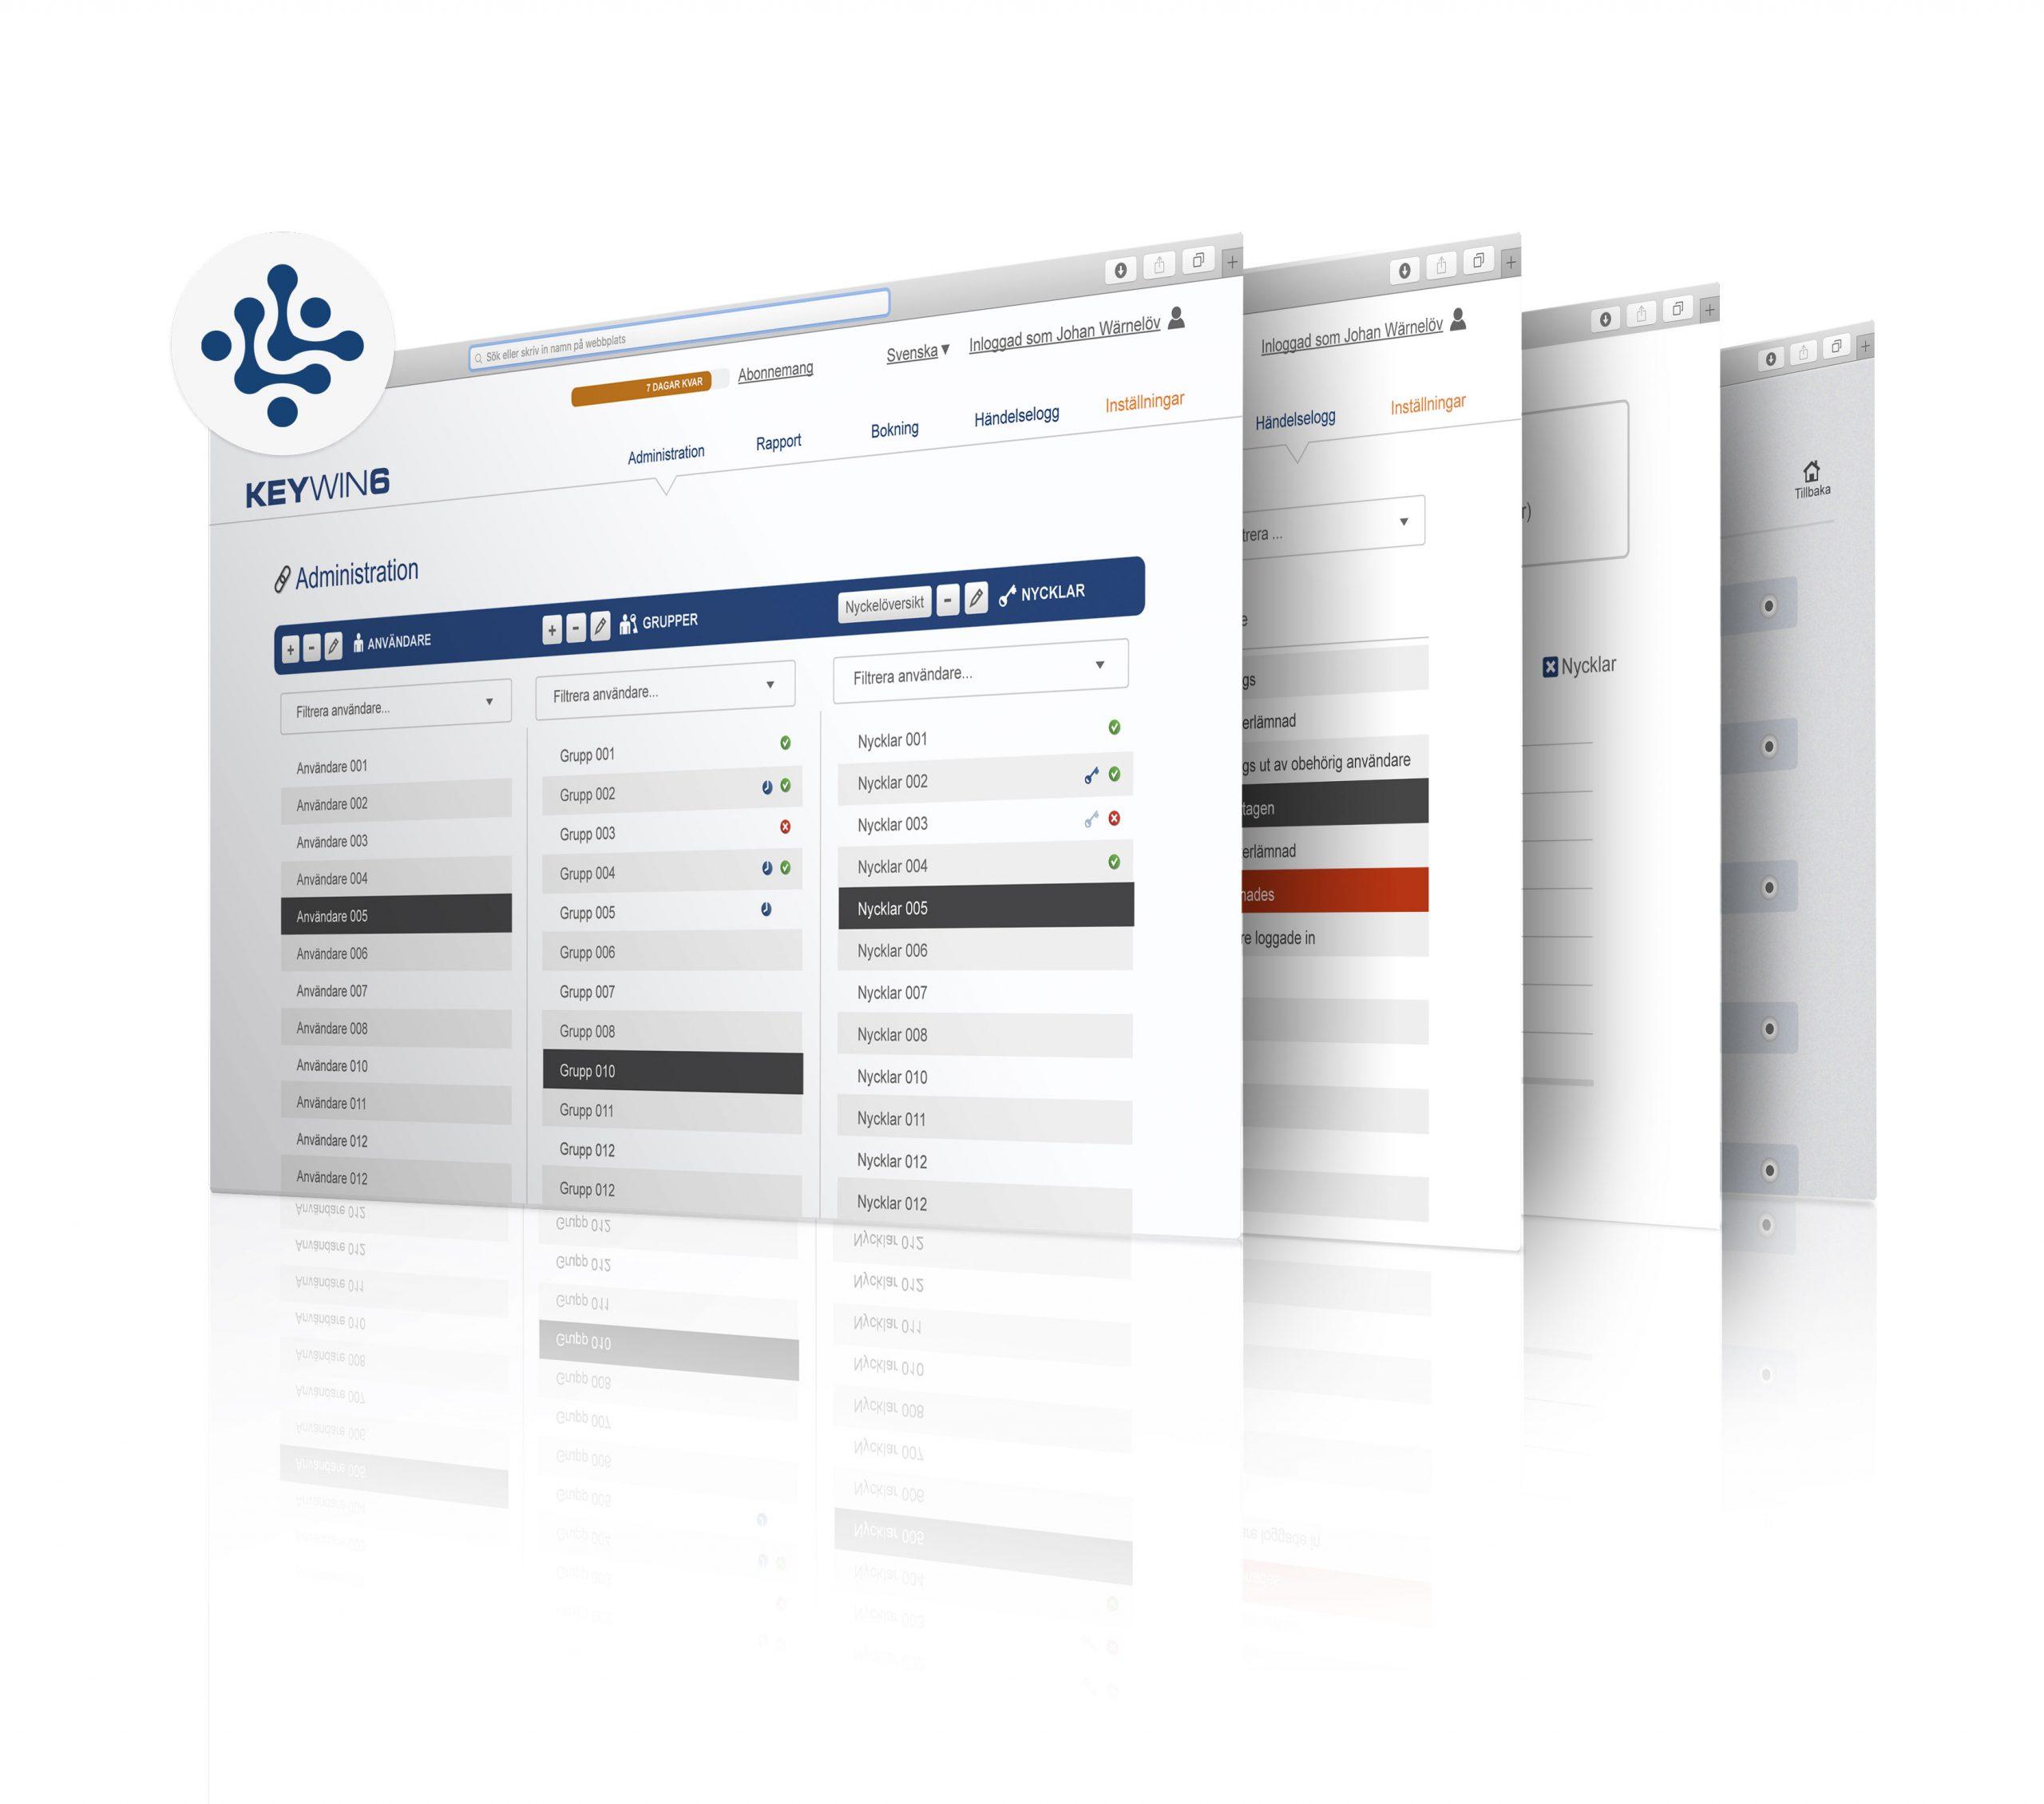 Intégration de la gestion de clés au système d'accès